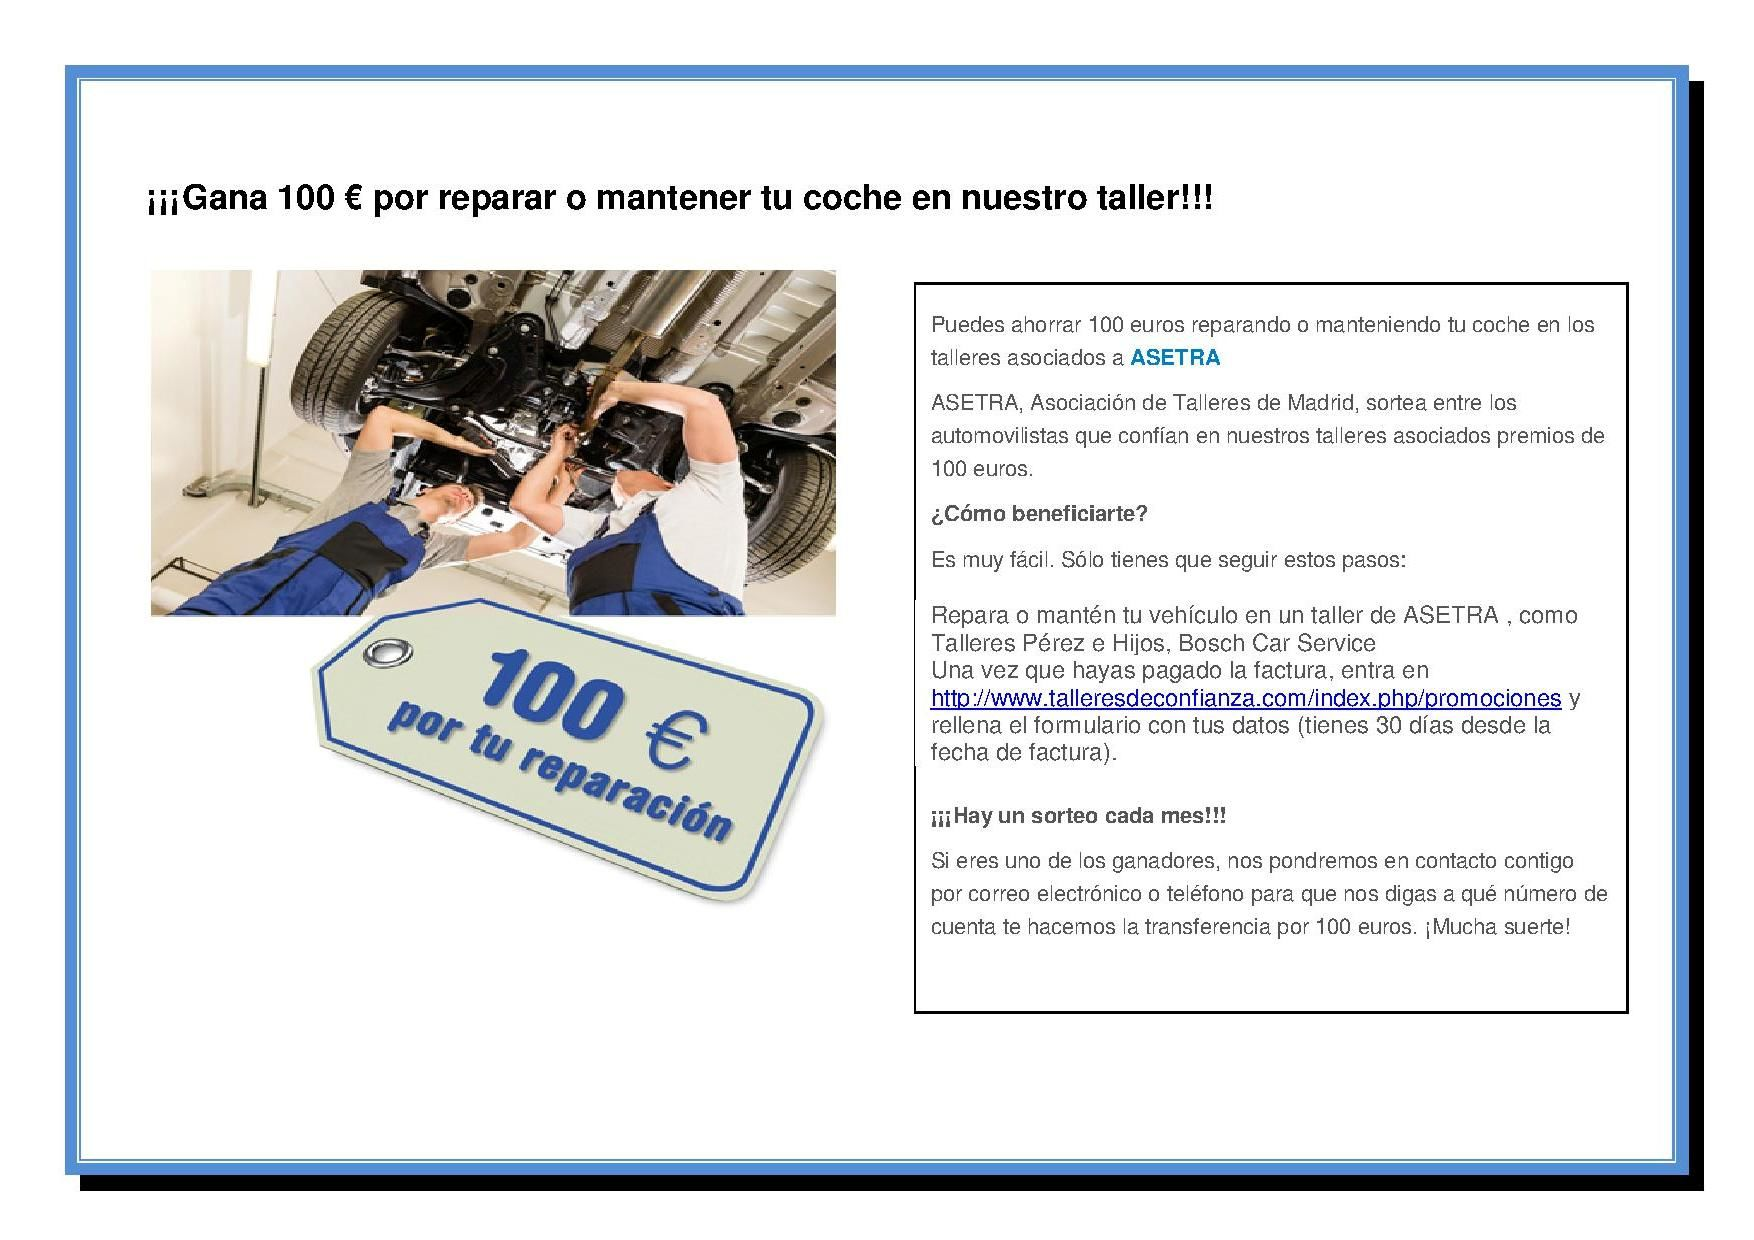 ¡¡¡GANA 100 € POR REPARAR O MANTENER TU COCHE EN NUESTRO TALLER!!!